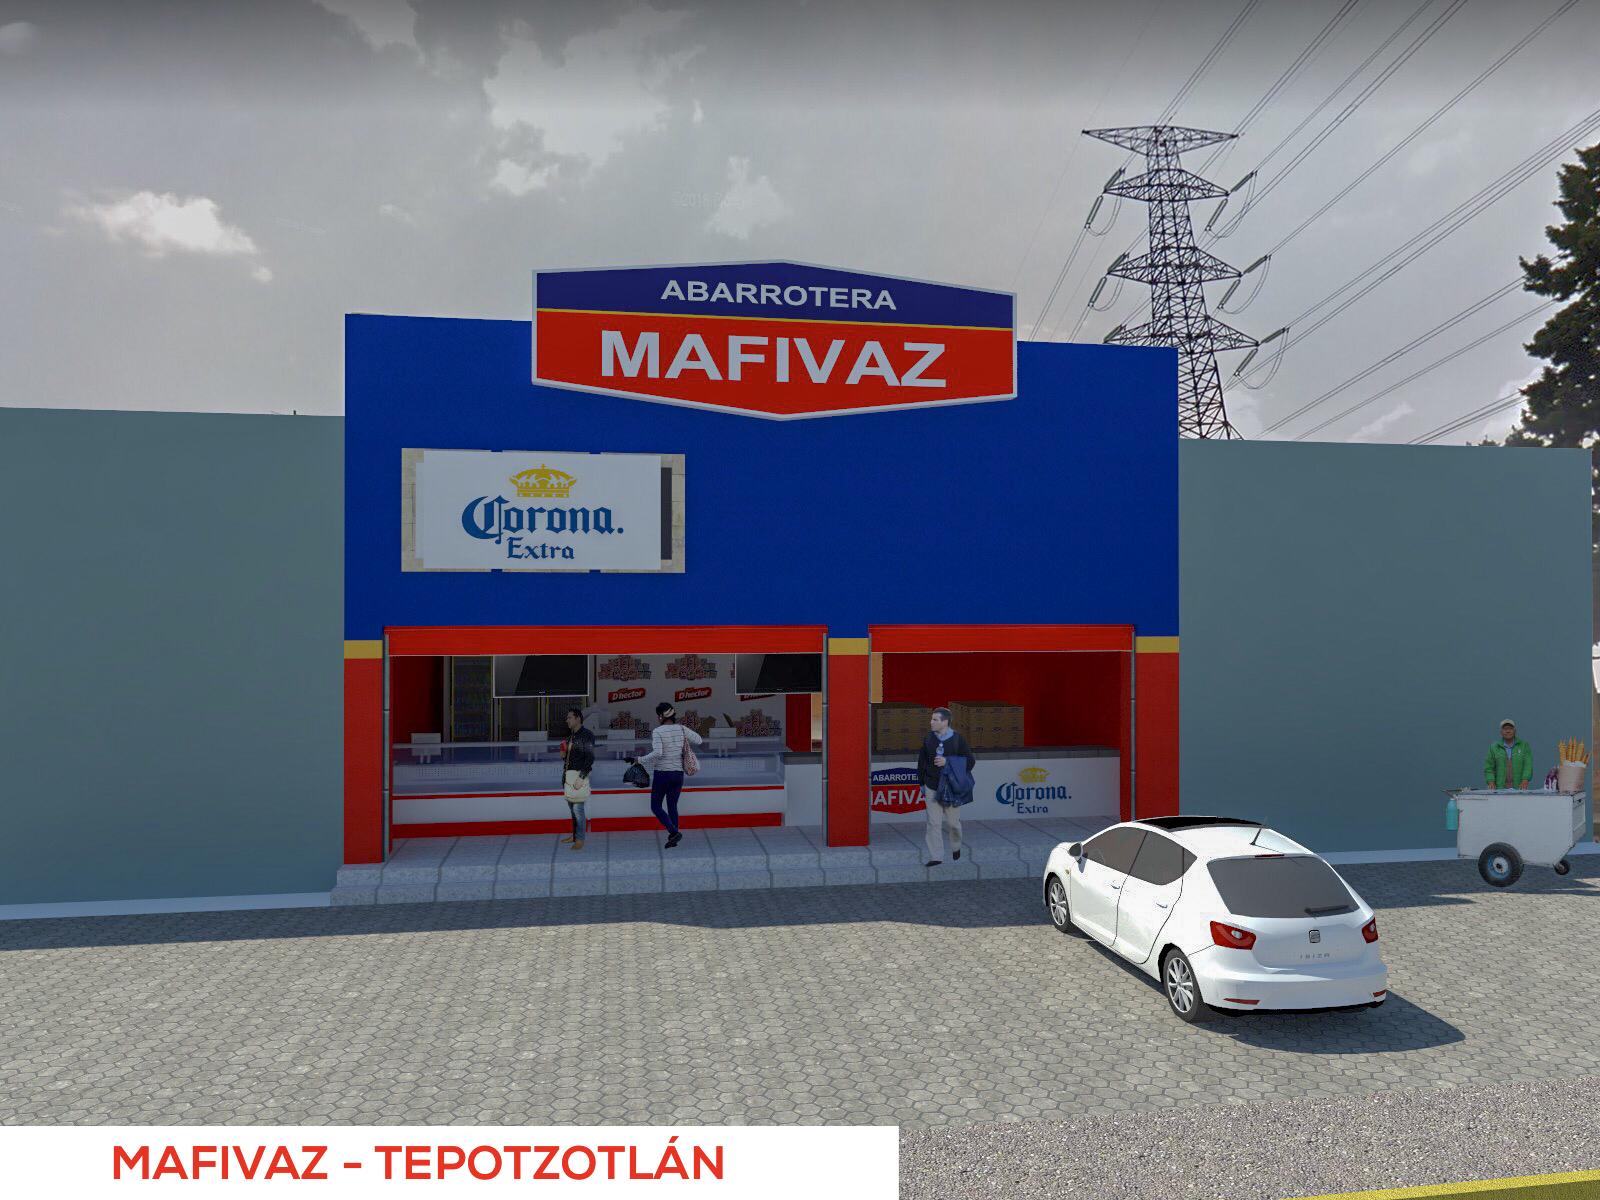 ABARROTERA MAFIVAZ